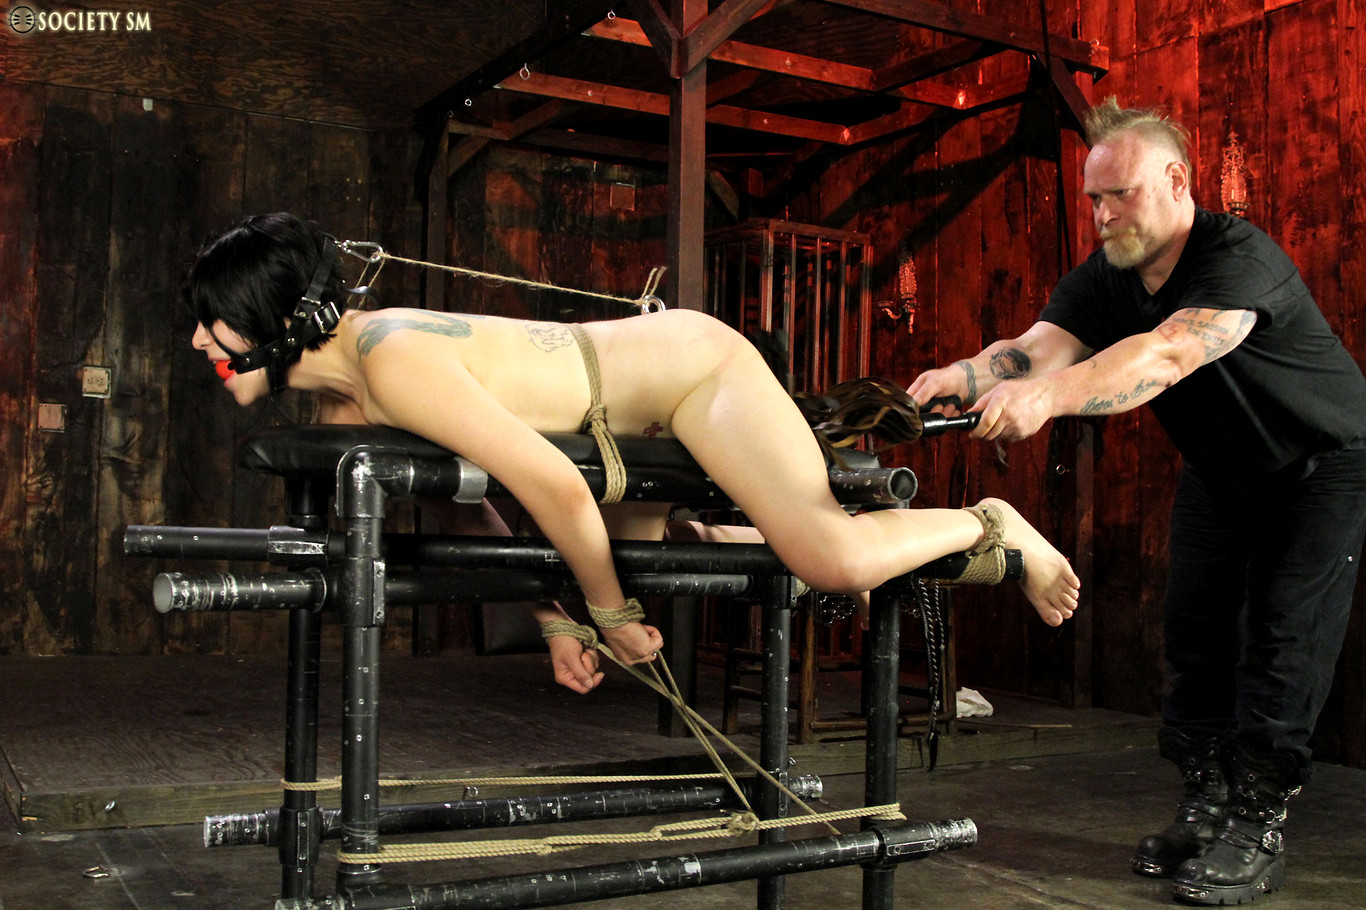 Amateur submissive bdsm wife